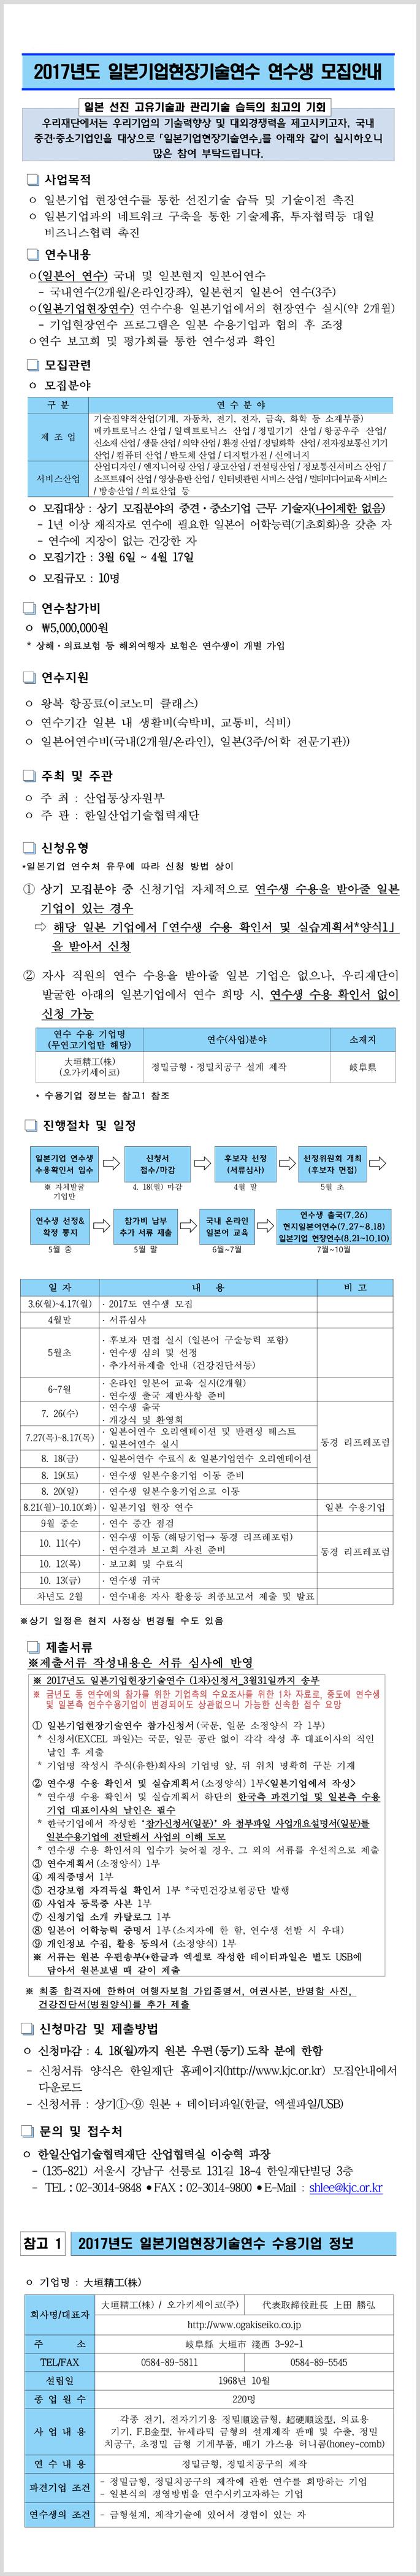 2017년도 일본기업현장기술연수 연수생 모집안내 copy.png